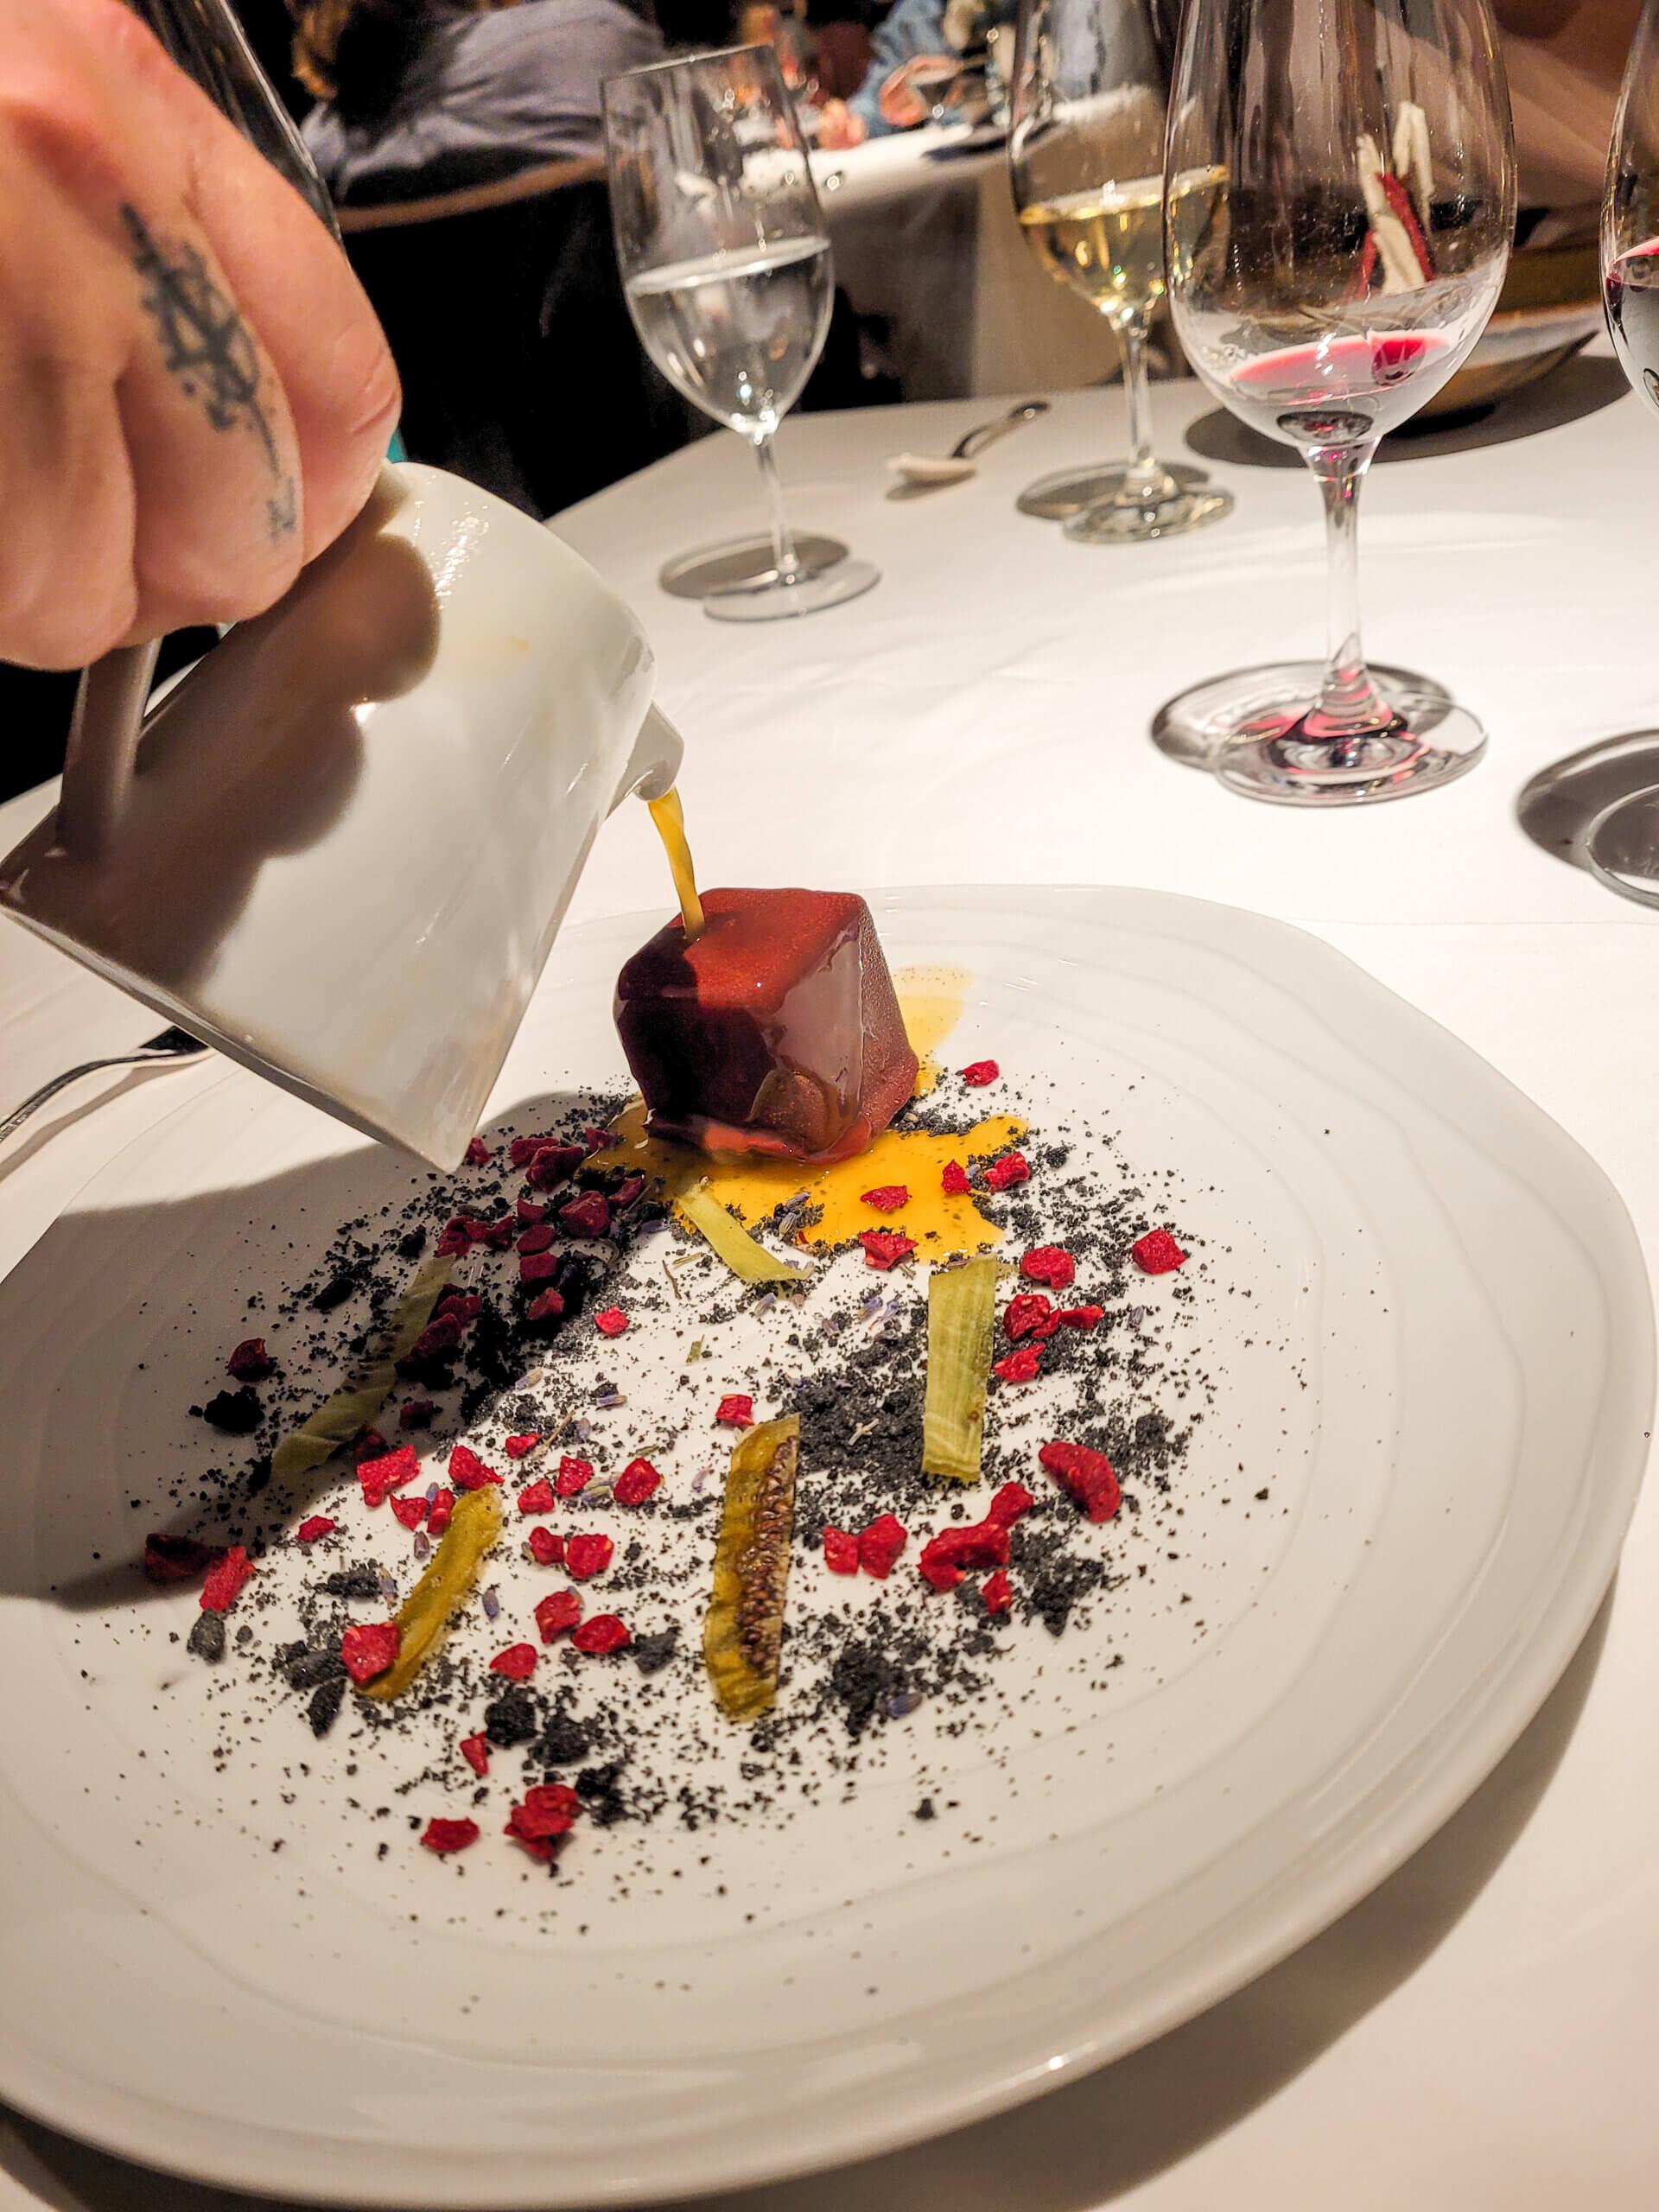 Schokoladenkubus mit einem flüssigen Kern aus Minze, Néroli und Kiwi im 3-Sterne Restaurant Arzak in San Sebastián